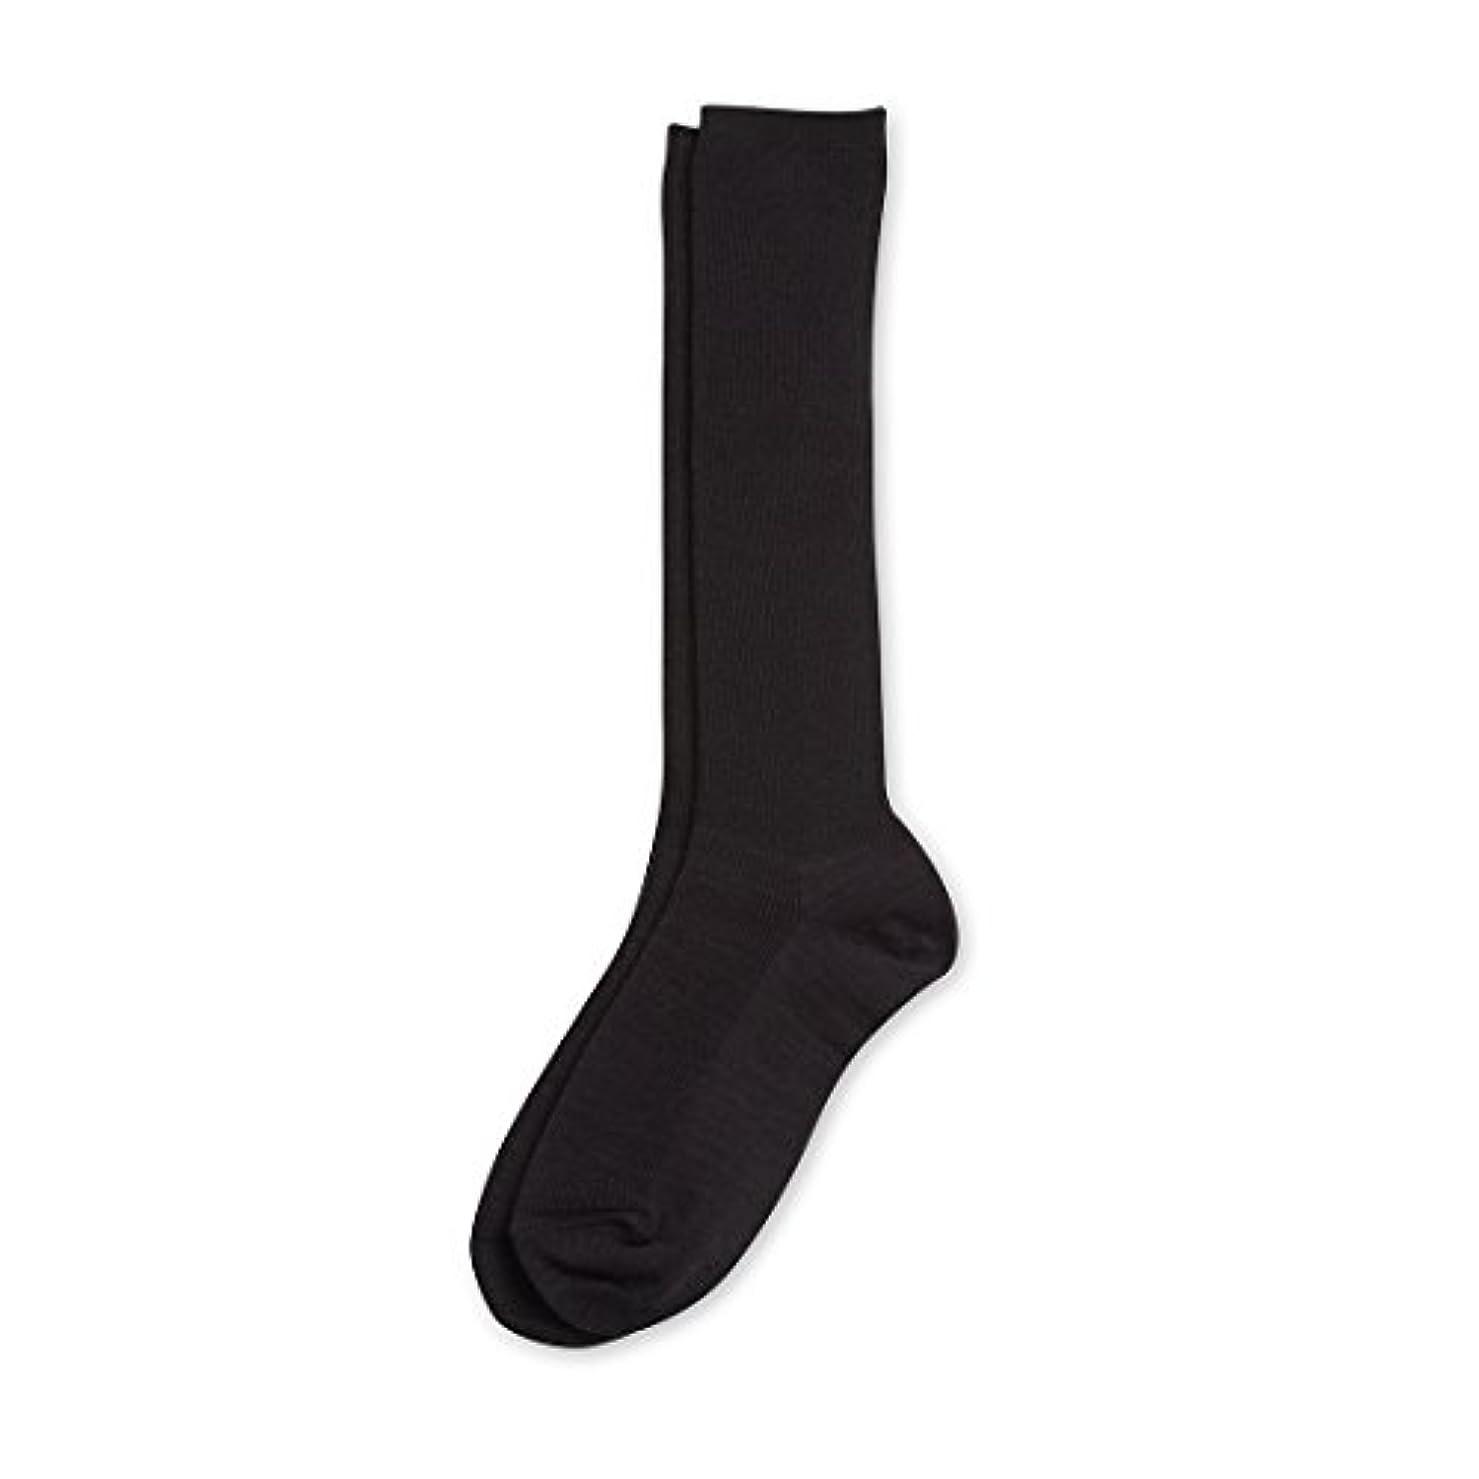 啓発するカビ地球Deol(デオル) ハイソックス 女性用 日本製 靴下 黒 23cm-25cm